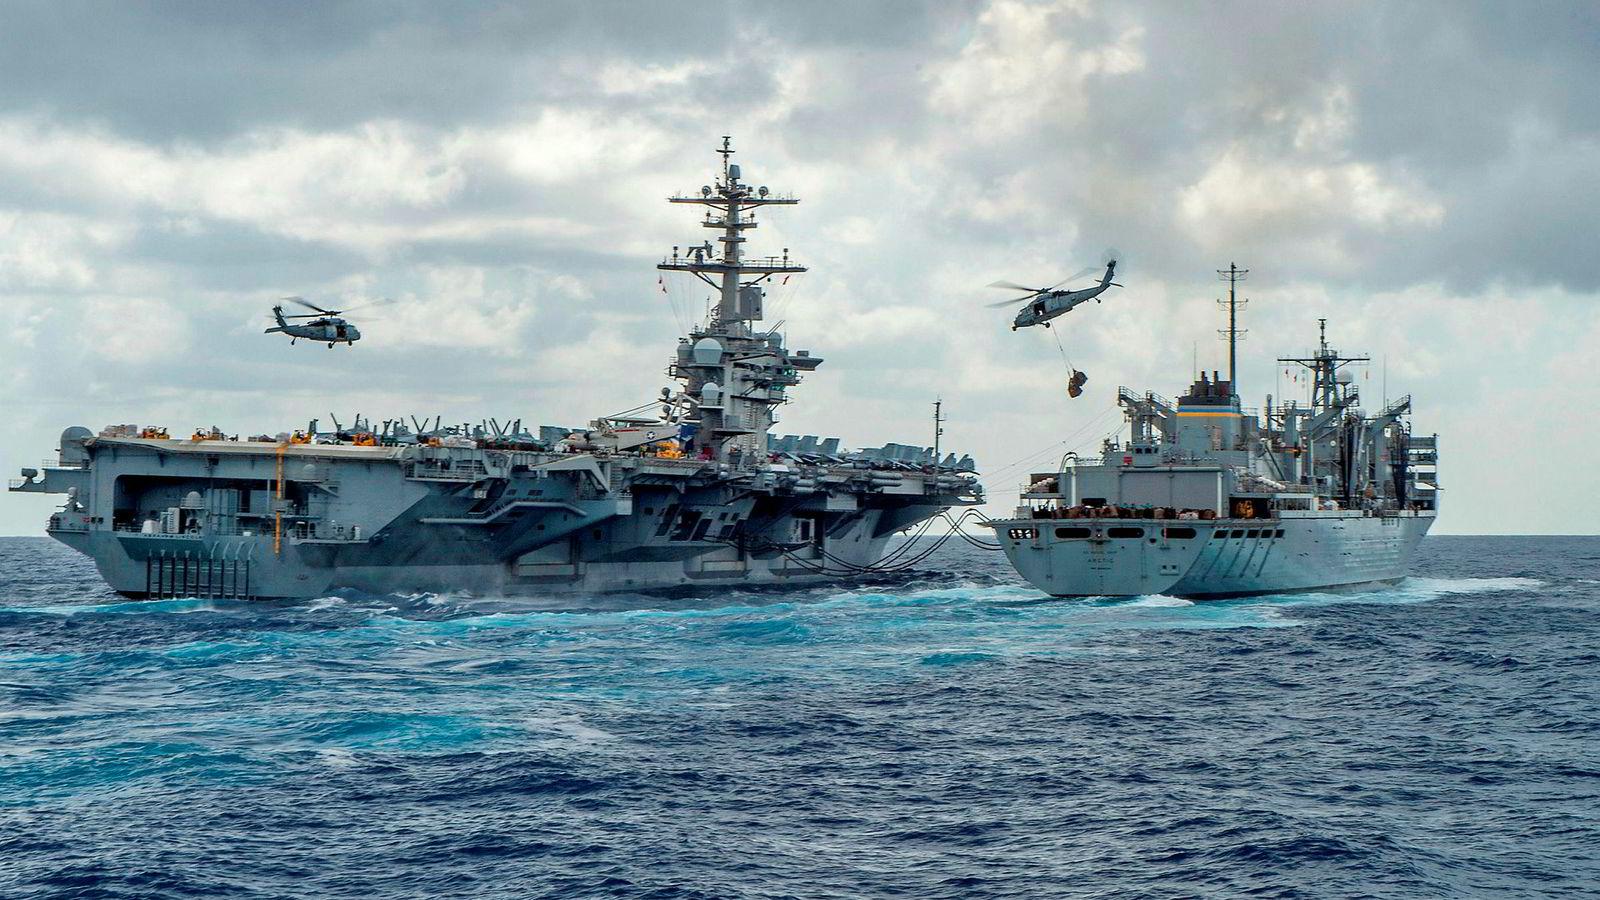 Fire tiår med konflikt mellom Iran og USA er i ferd med å bygge seg opp til det mange frykter kan ende med krig. USA sendte tidligere denne måneden hangarskipet USS «Abraham Lincoln» til Persiabukten etter å ha mottatt det amerikanske myndigheter sier er trusler fra Iran.